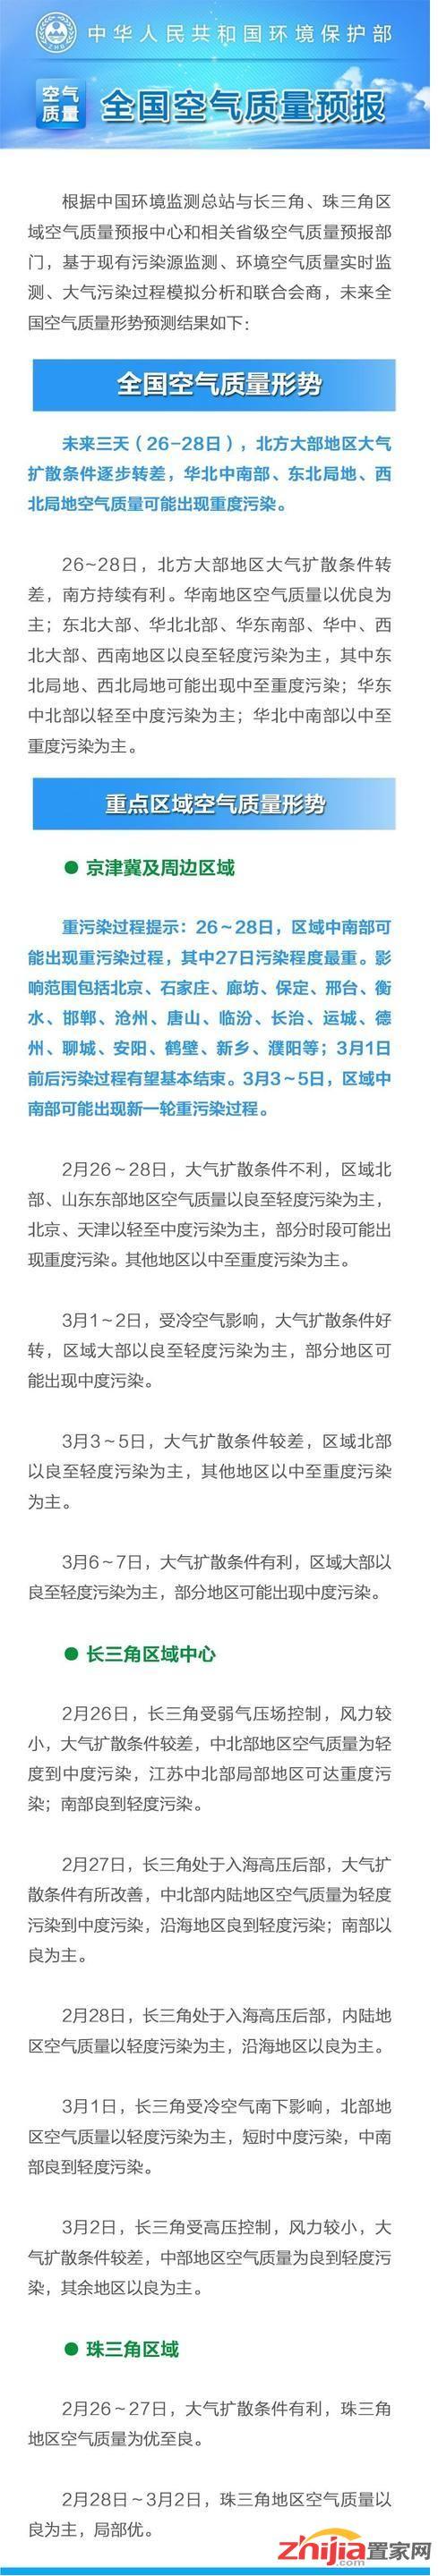 环保部:京津冀将迎新一轮空气污染 27日程度最重